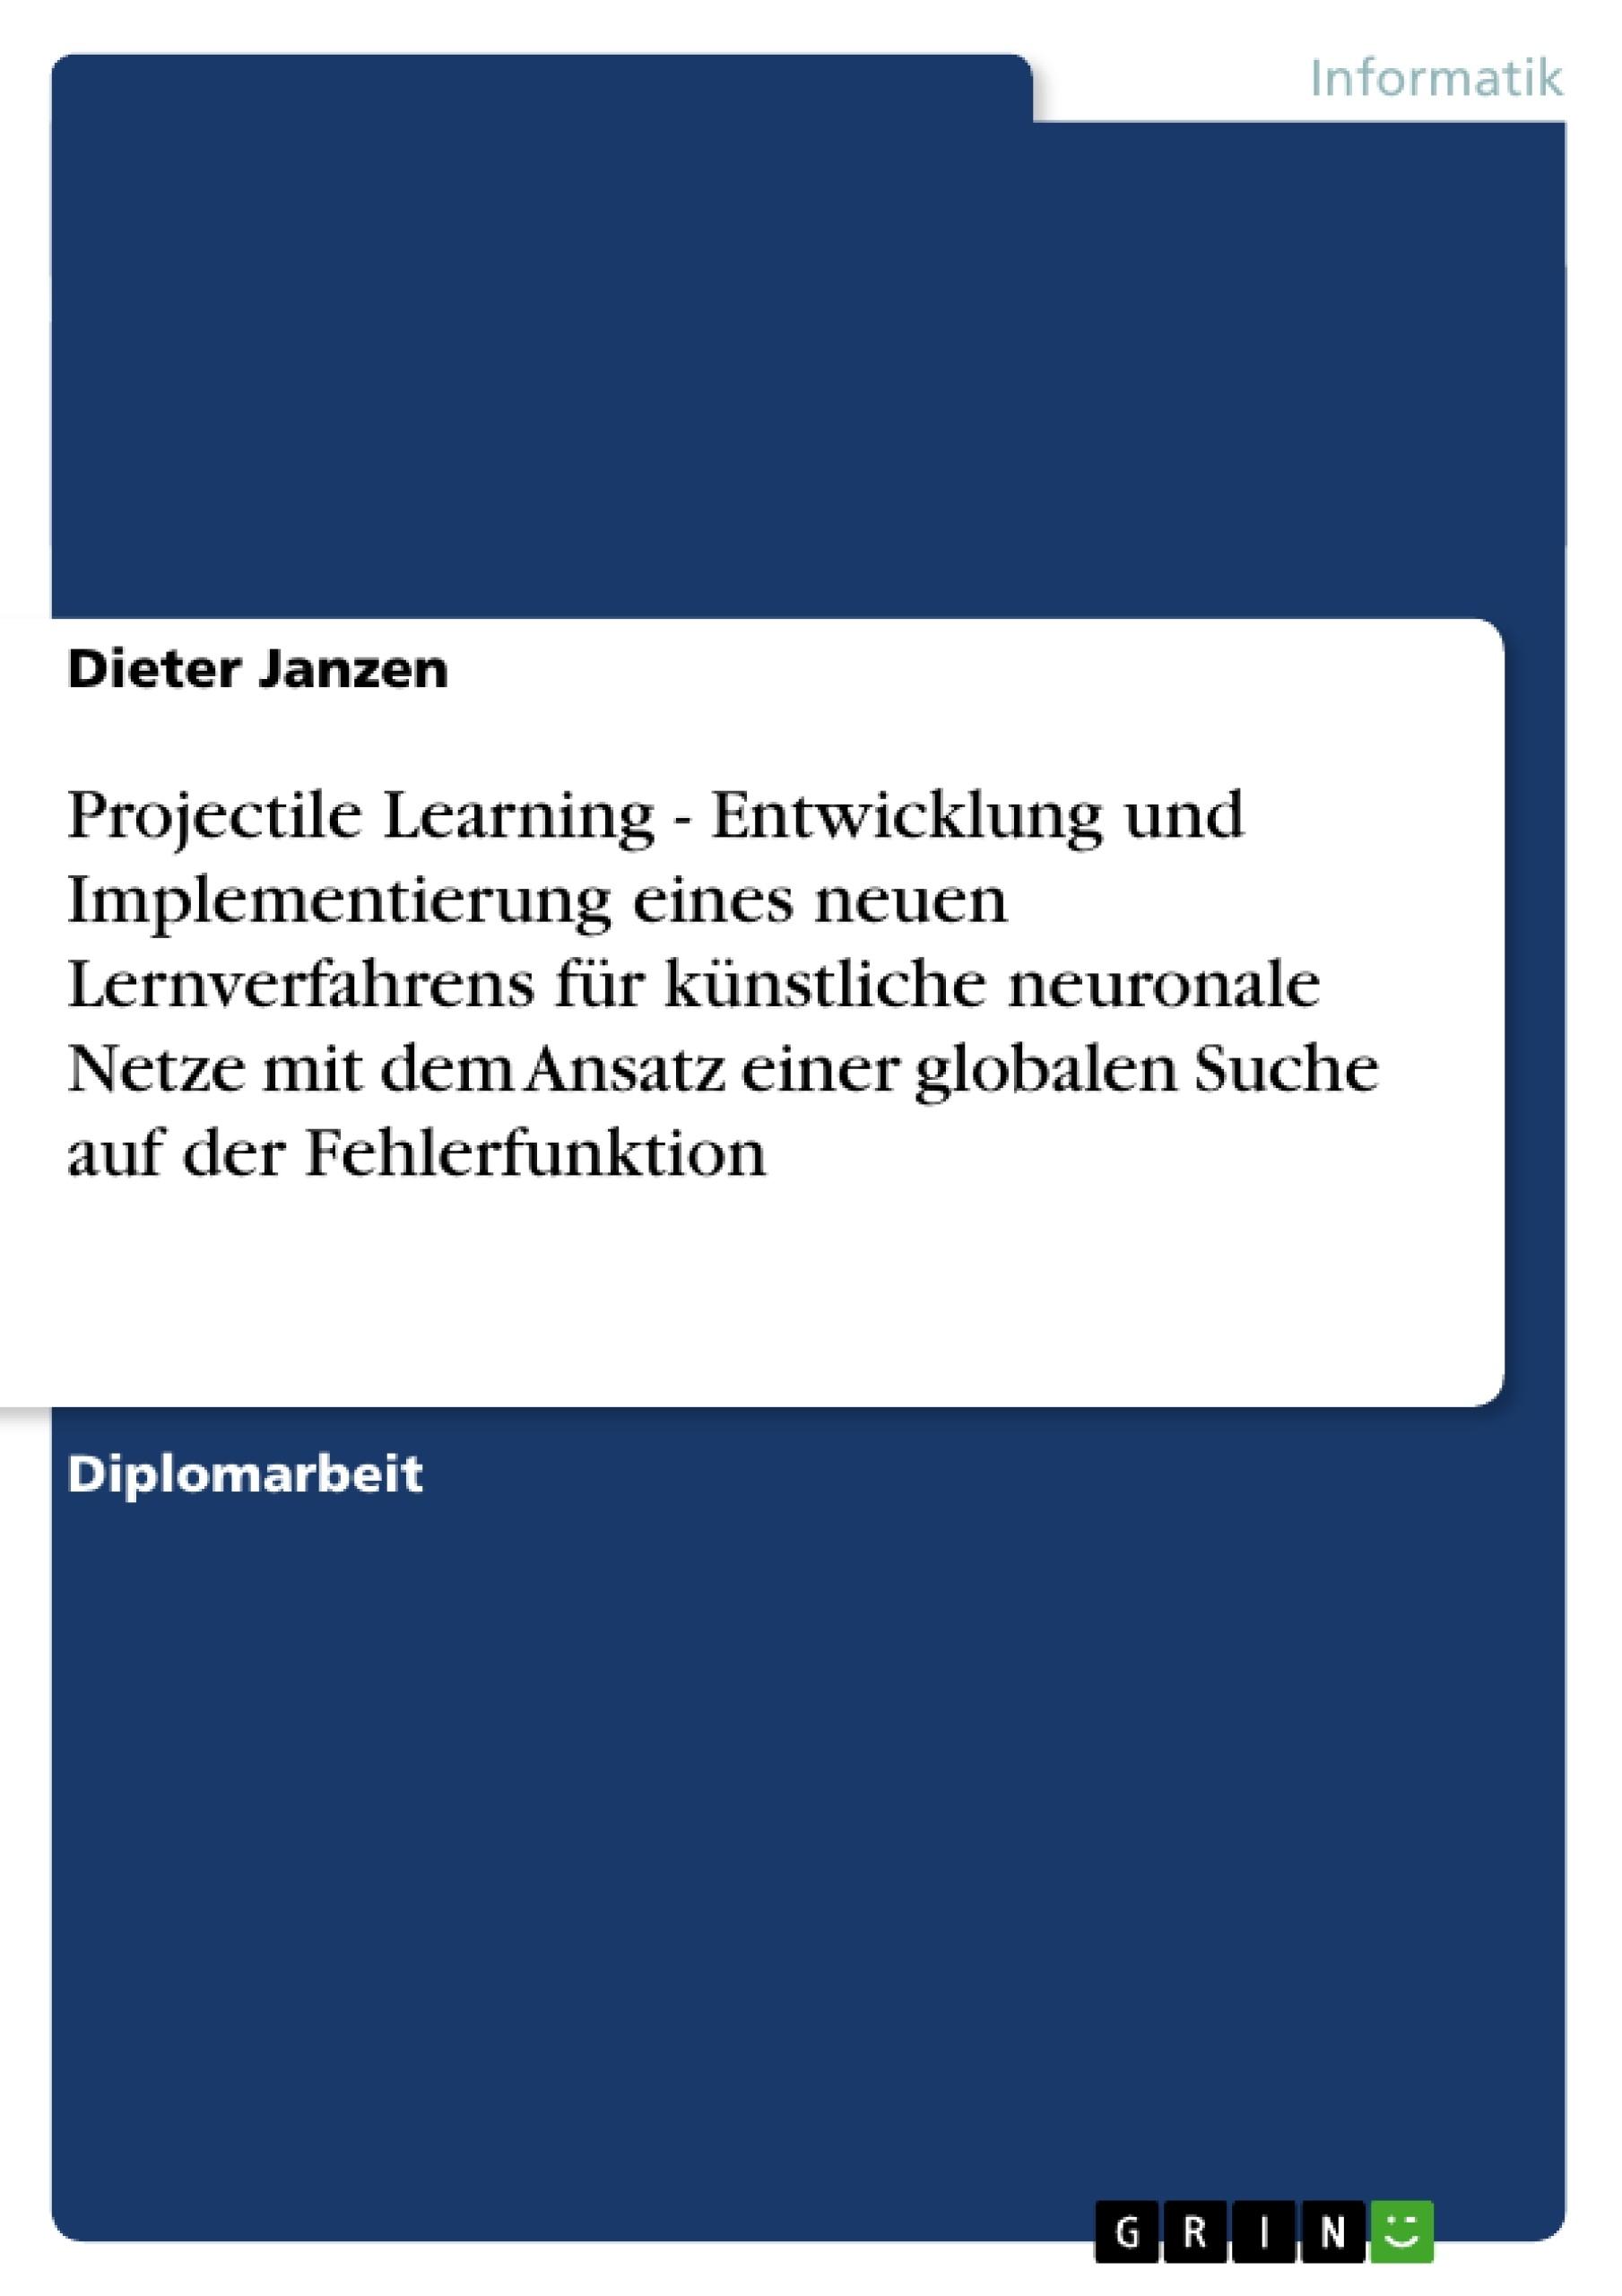 Titel: Projectile Learning - Entwicklung und Implementierung eines neuen Lernverfahrens für künstliche neuronale Netze mit dem Ansatz einer globalen Suche auf der Fehlerfunktion